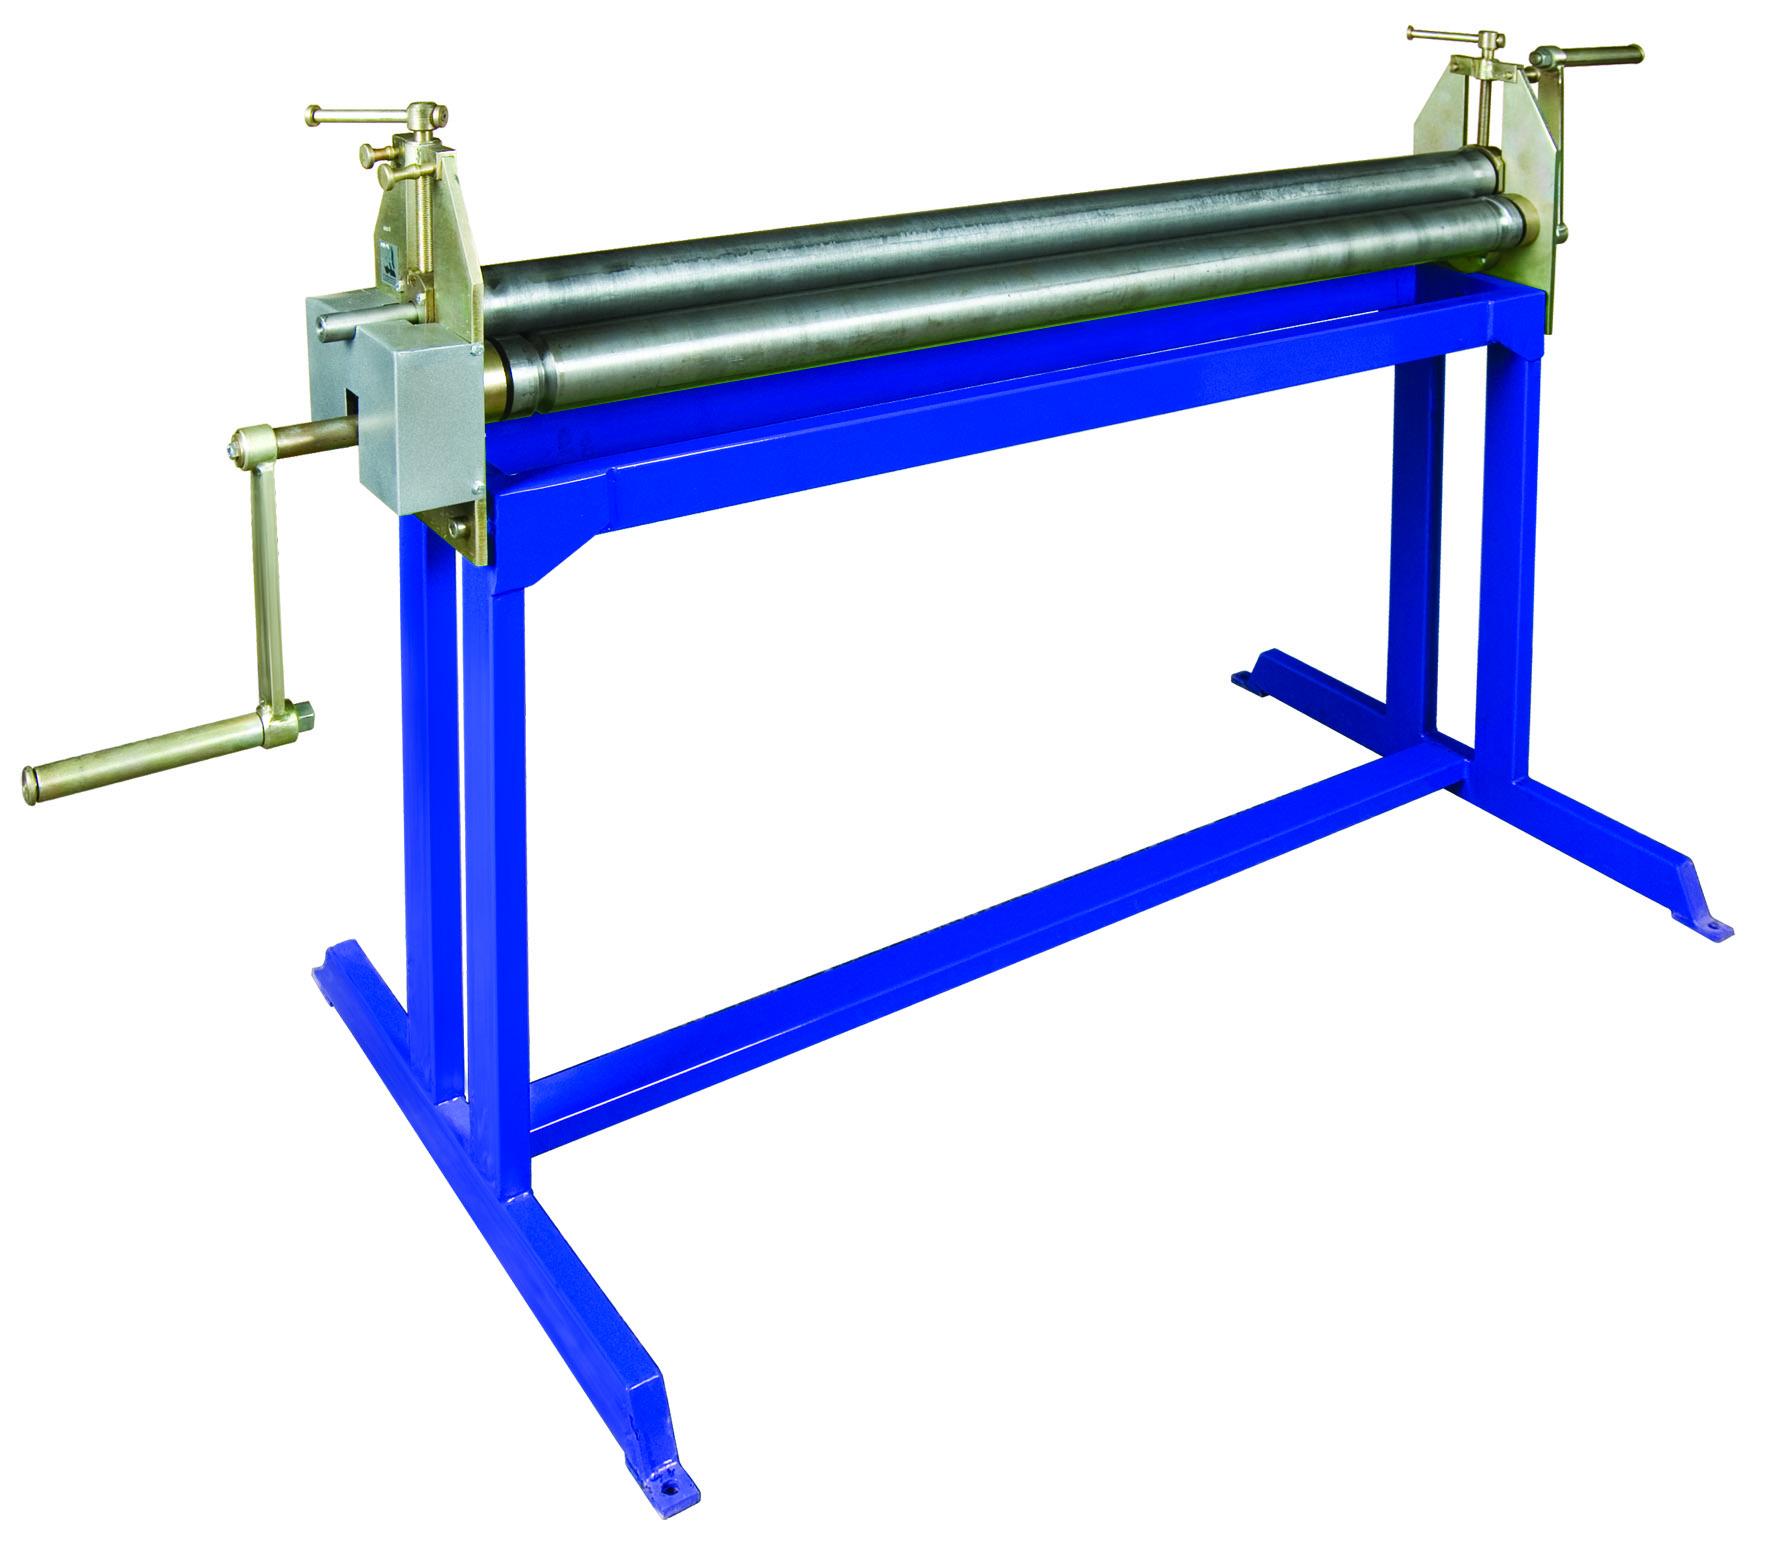 Иб2222 машина листогибочная трехвалковая (вальцы) для гибки листового металласхемы, описание, характеристики